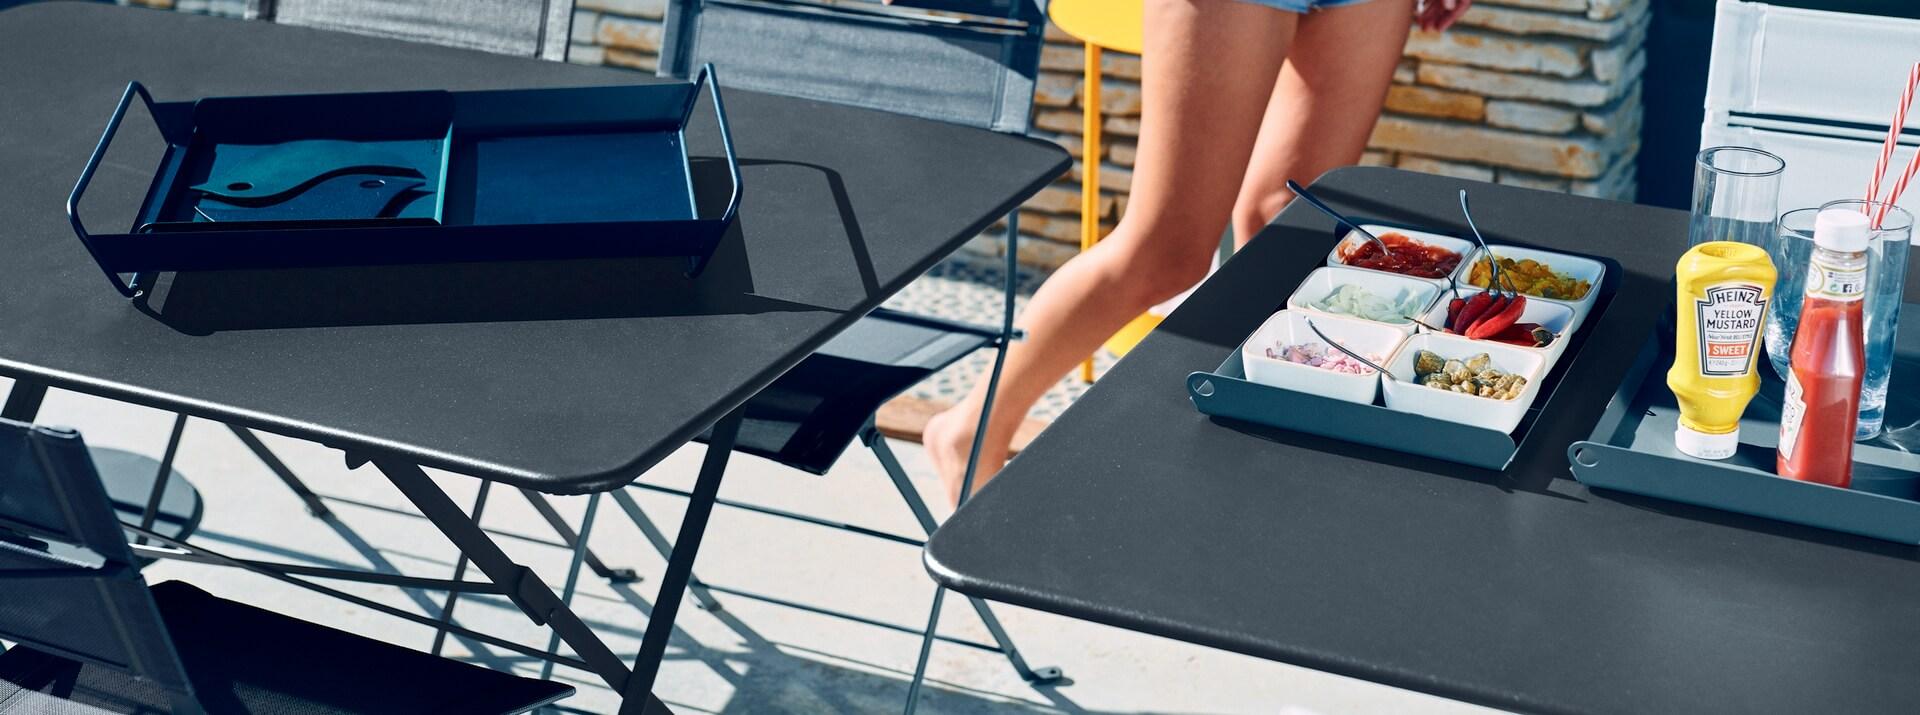 Sets de table, dessous de plat et plateaux Fermob